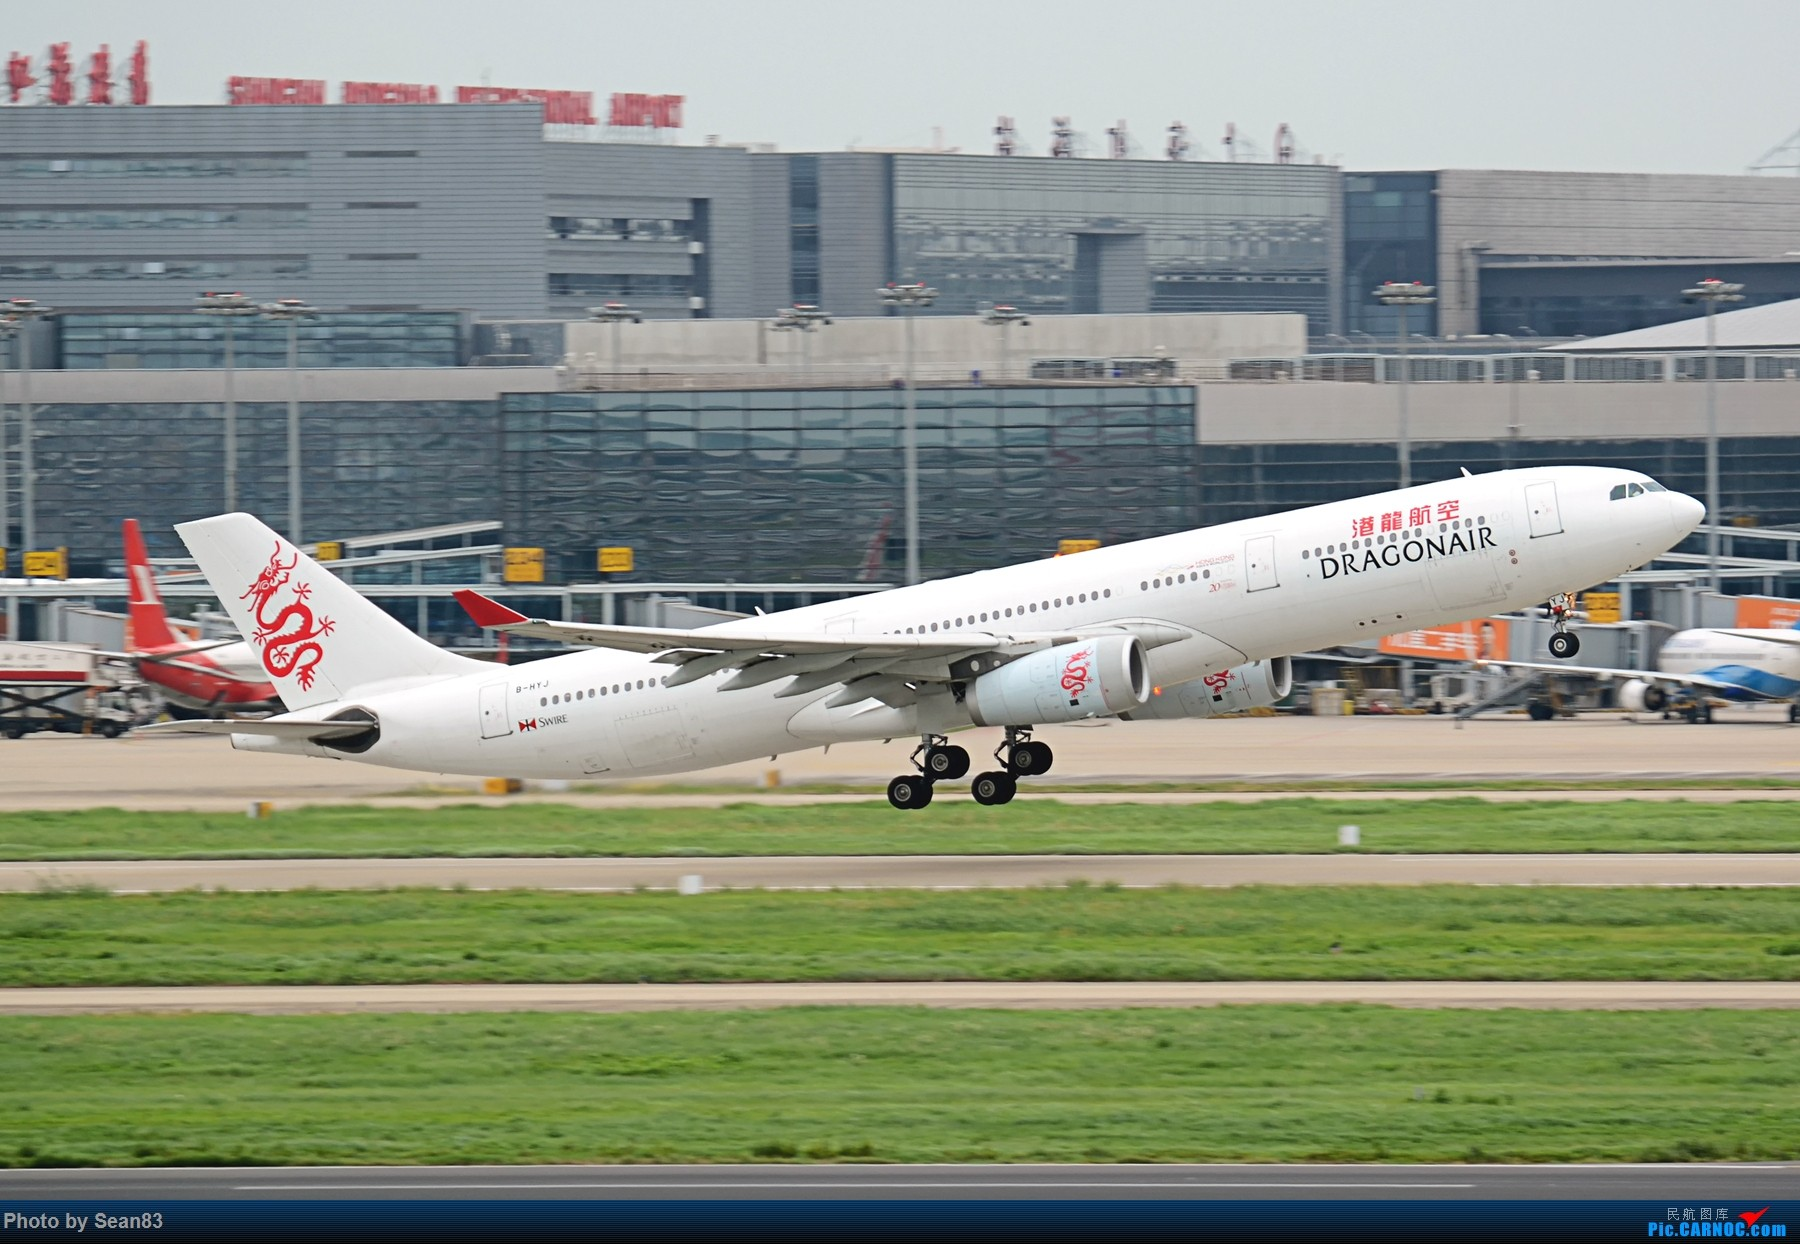 [原创](SHA 1800*)港龙旧装A330-300 AIRBUS A330-300 B-HYJ 上海虹桥机场